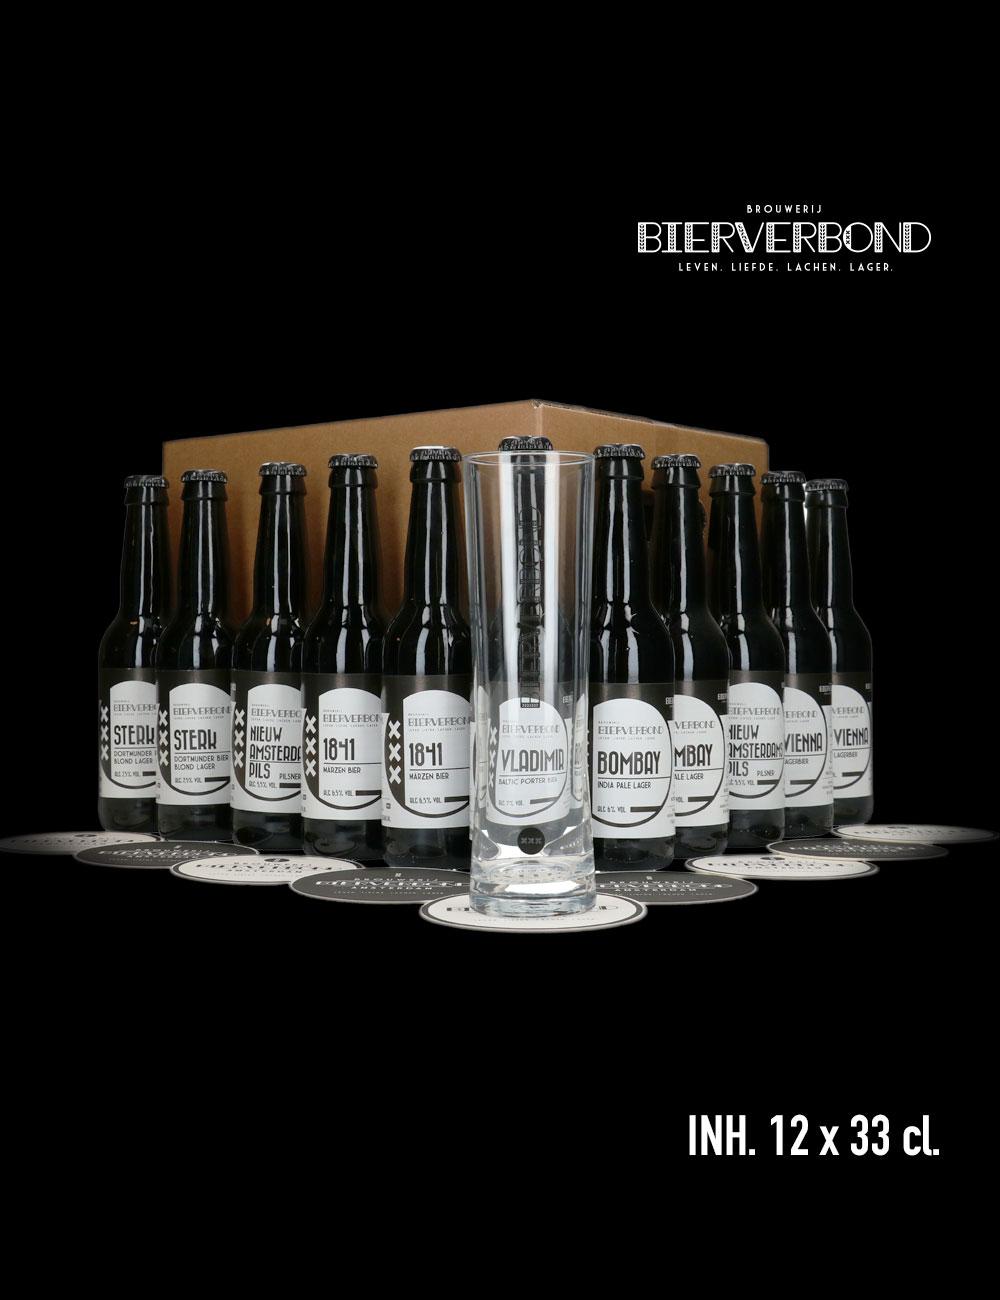 Mix&Match 12 verschillen flesjes bier van Brouwerij Bierverbond Amsterdam